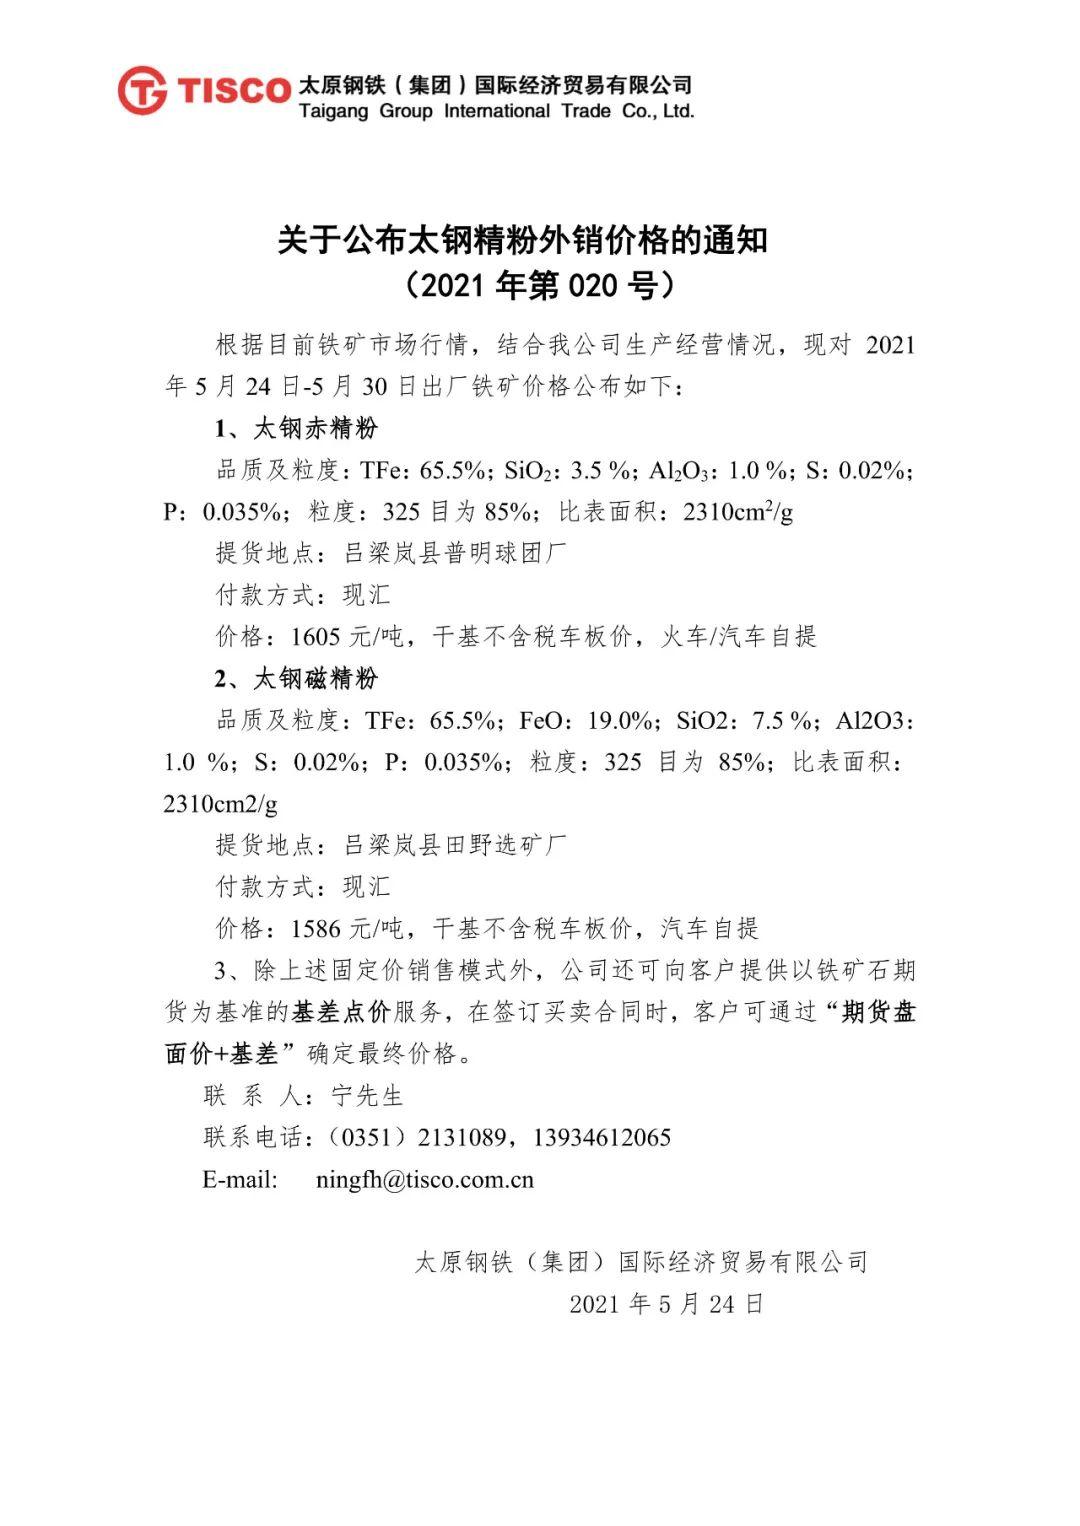 关于公布太钢精粉外销价格的通知(5月24日-5月30日)